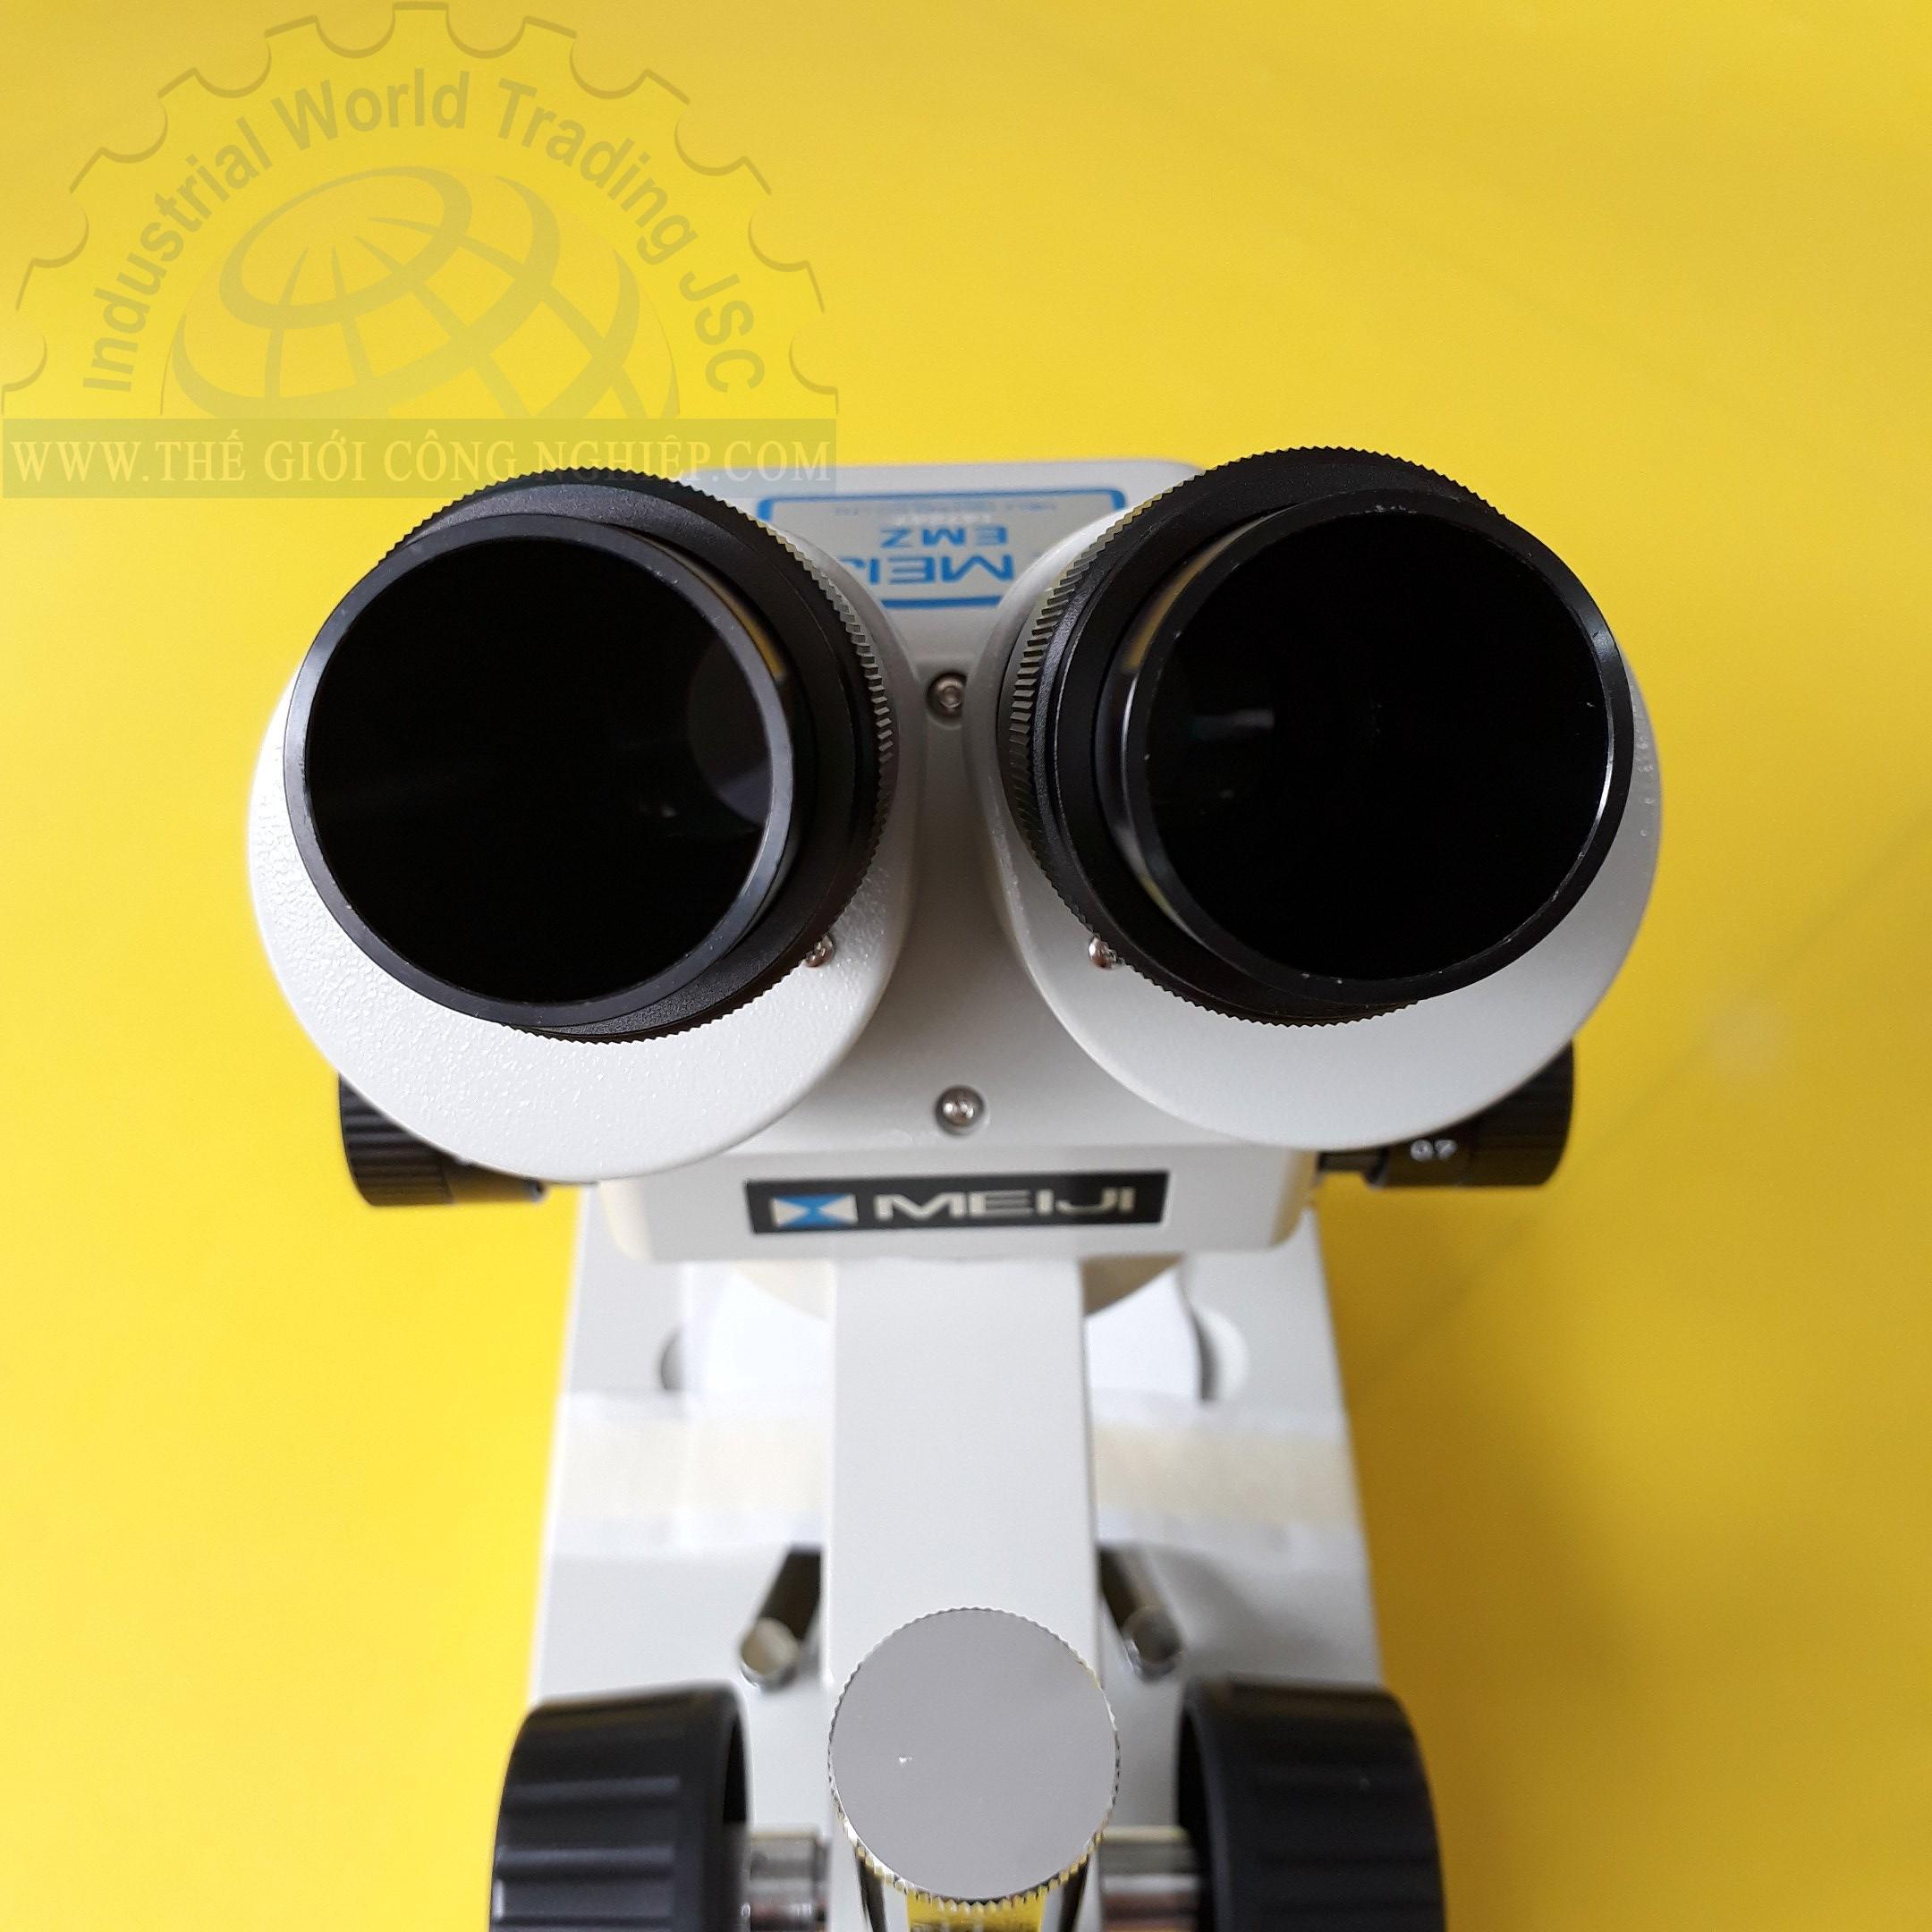 Kính Hiển Vi soi nổi bao gồm chân đế và ống kính 10x  EMZ-5P/10 Meiji Techno